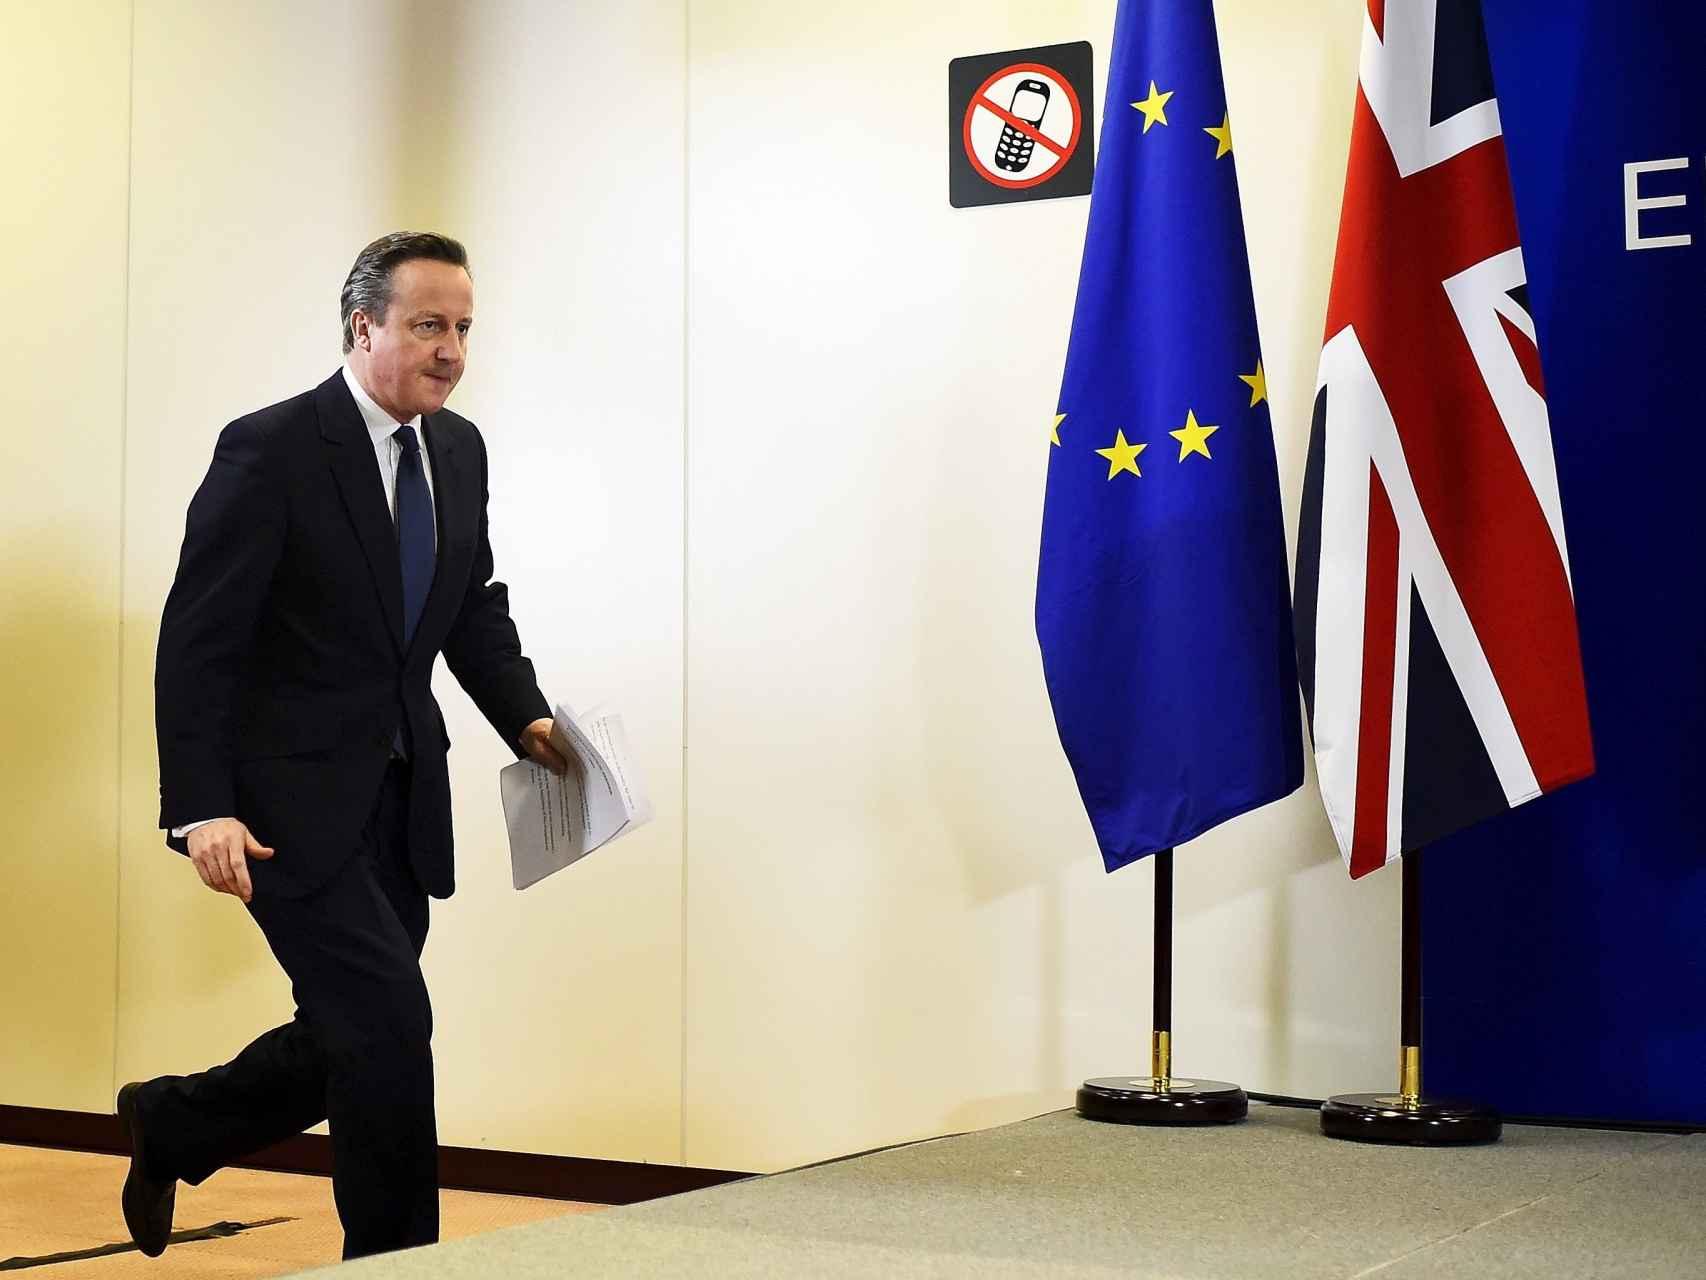 El primer ministro británico David Cameron/Dylan Martinez/Reuters